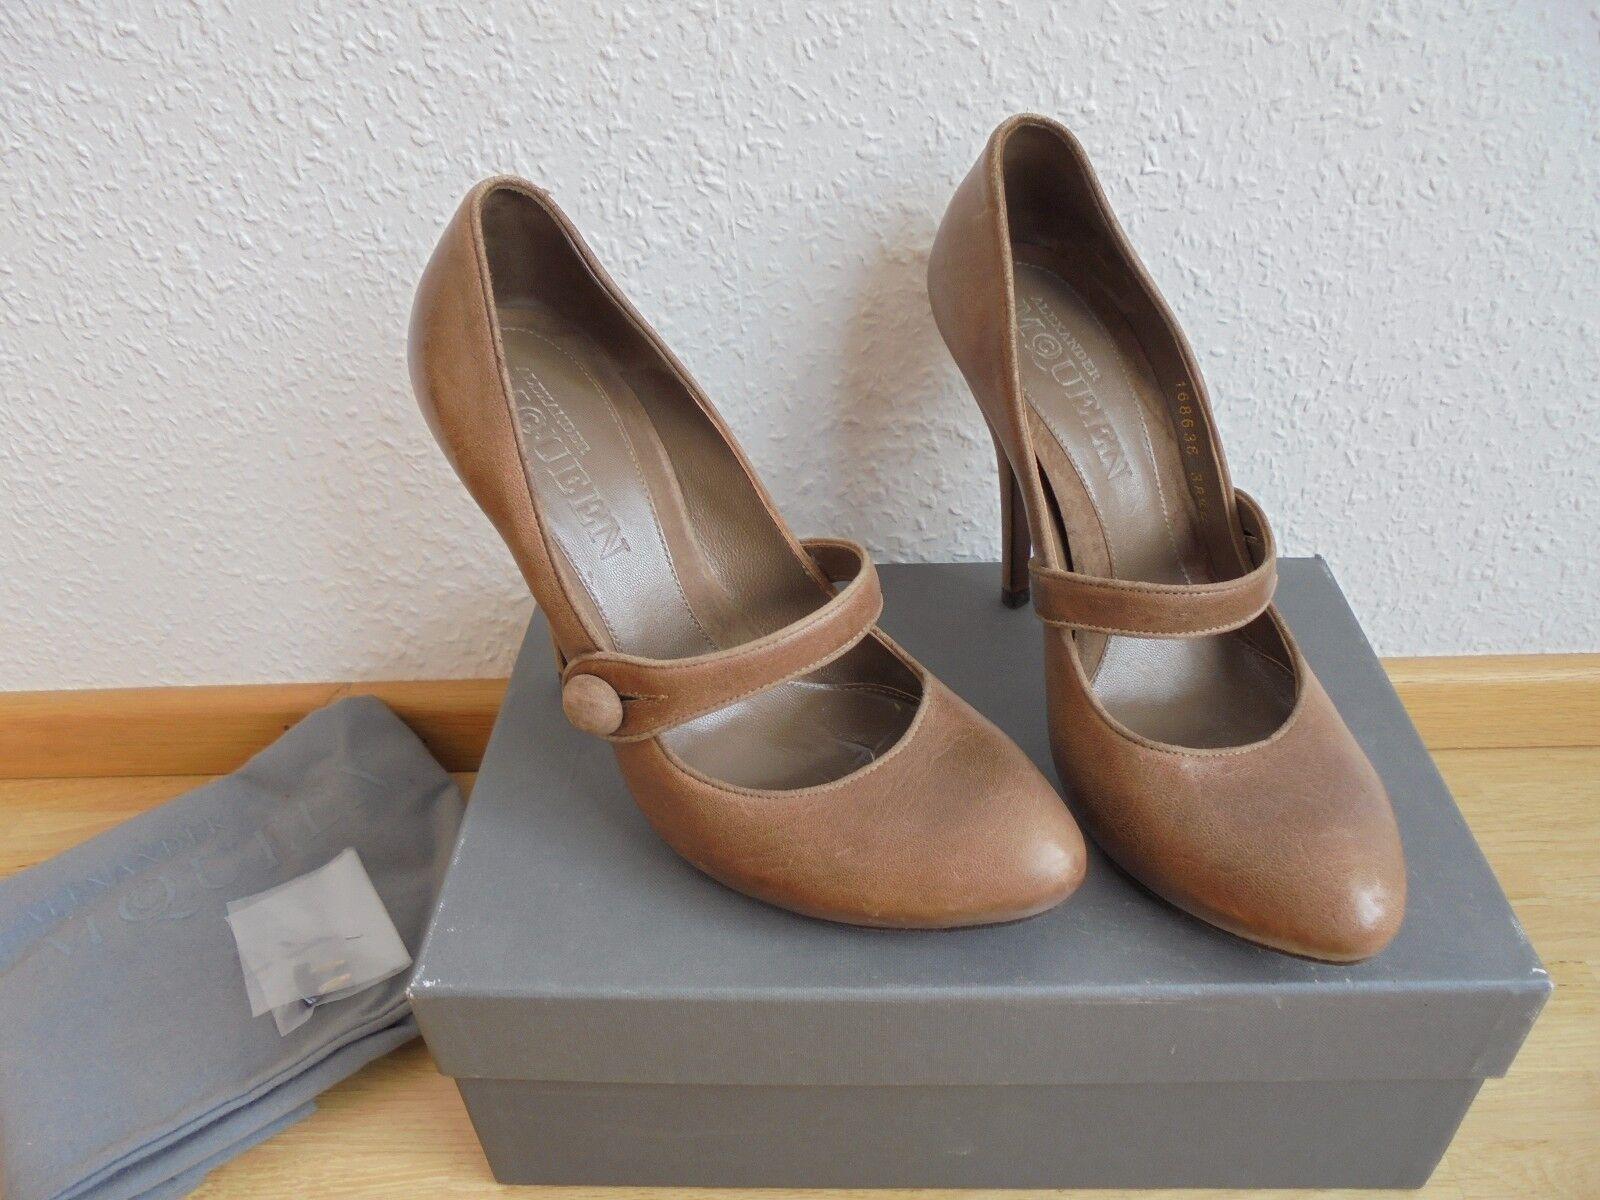 Alexander McQueen Leder High Heels NP Pumps  + OVP Schuhe Pumps NP 38 38,5 39 c1c694